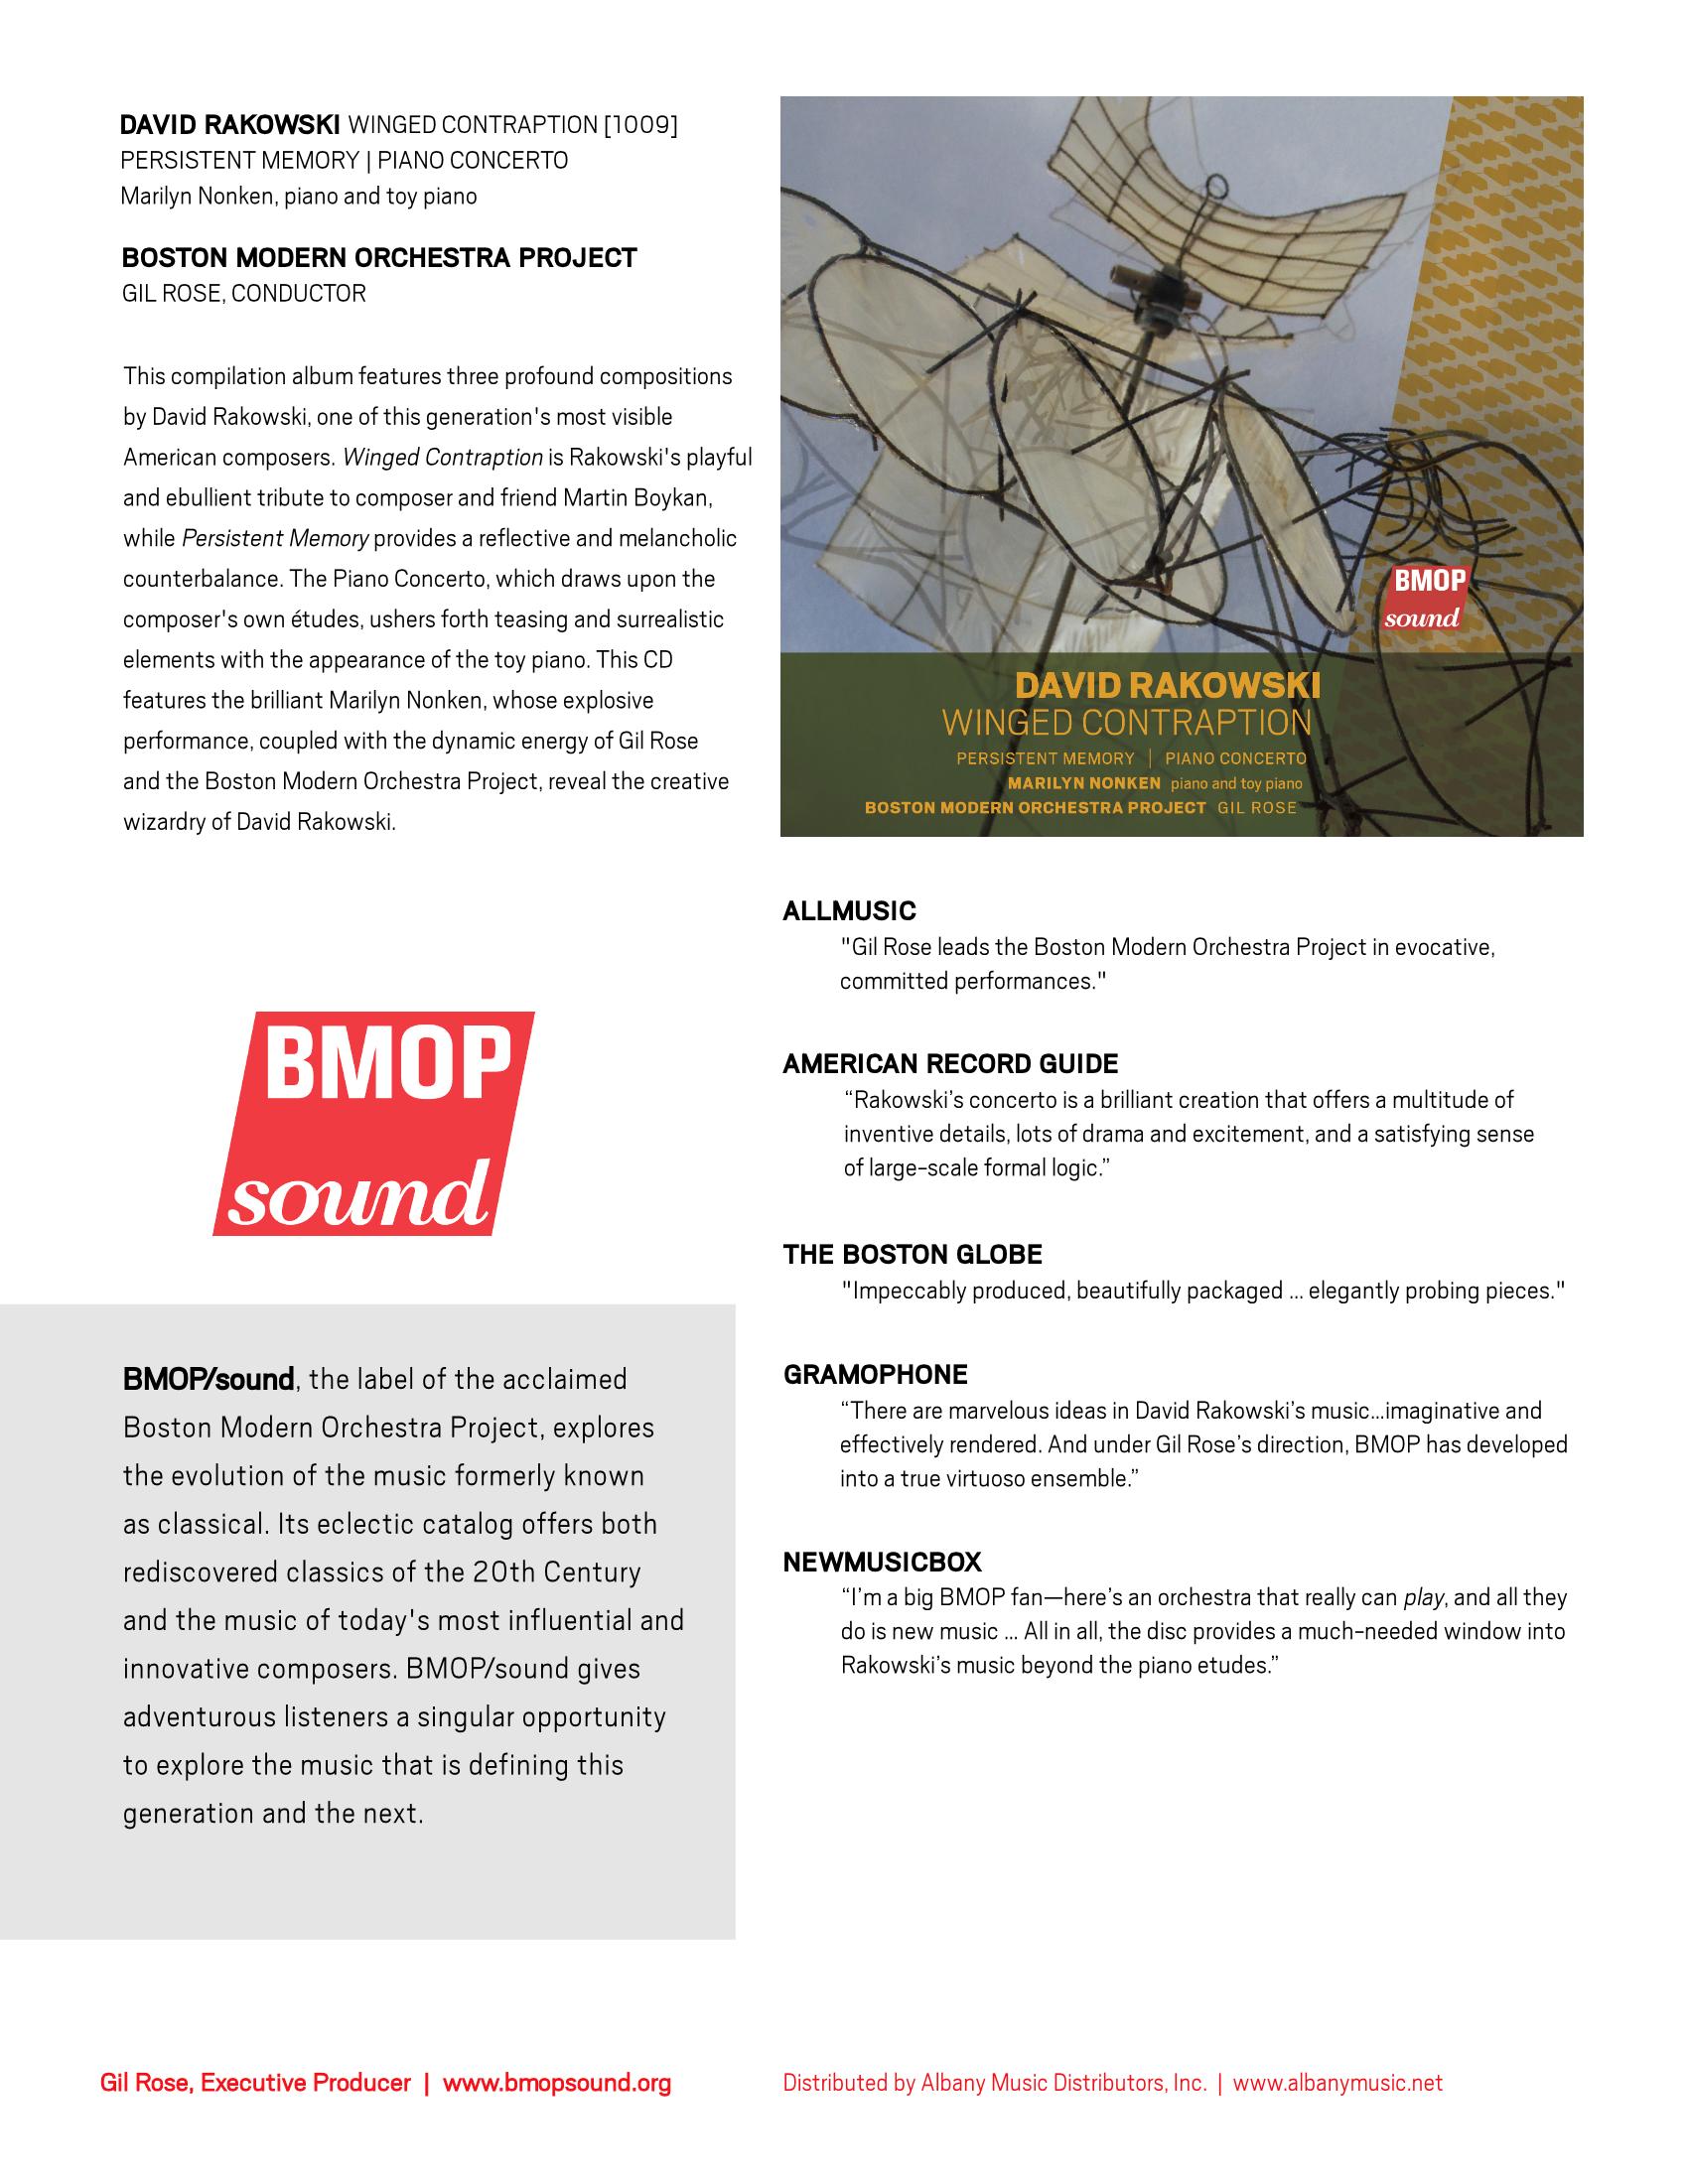 Rakowski - BMOPsound 1009 one-sheet.png